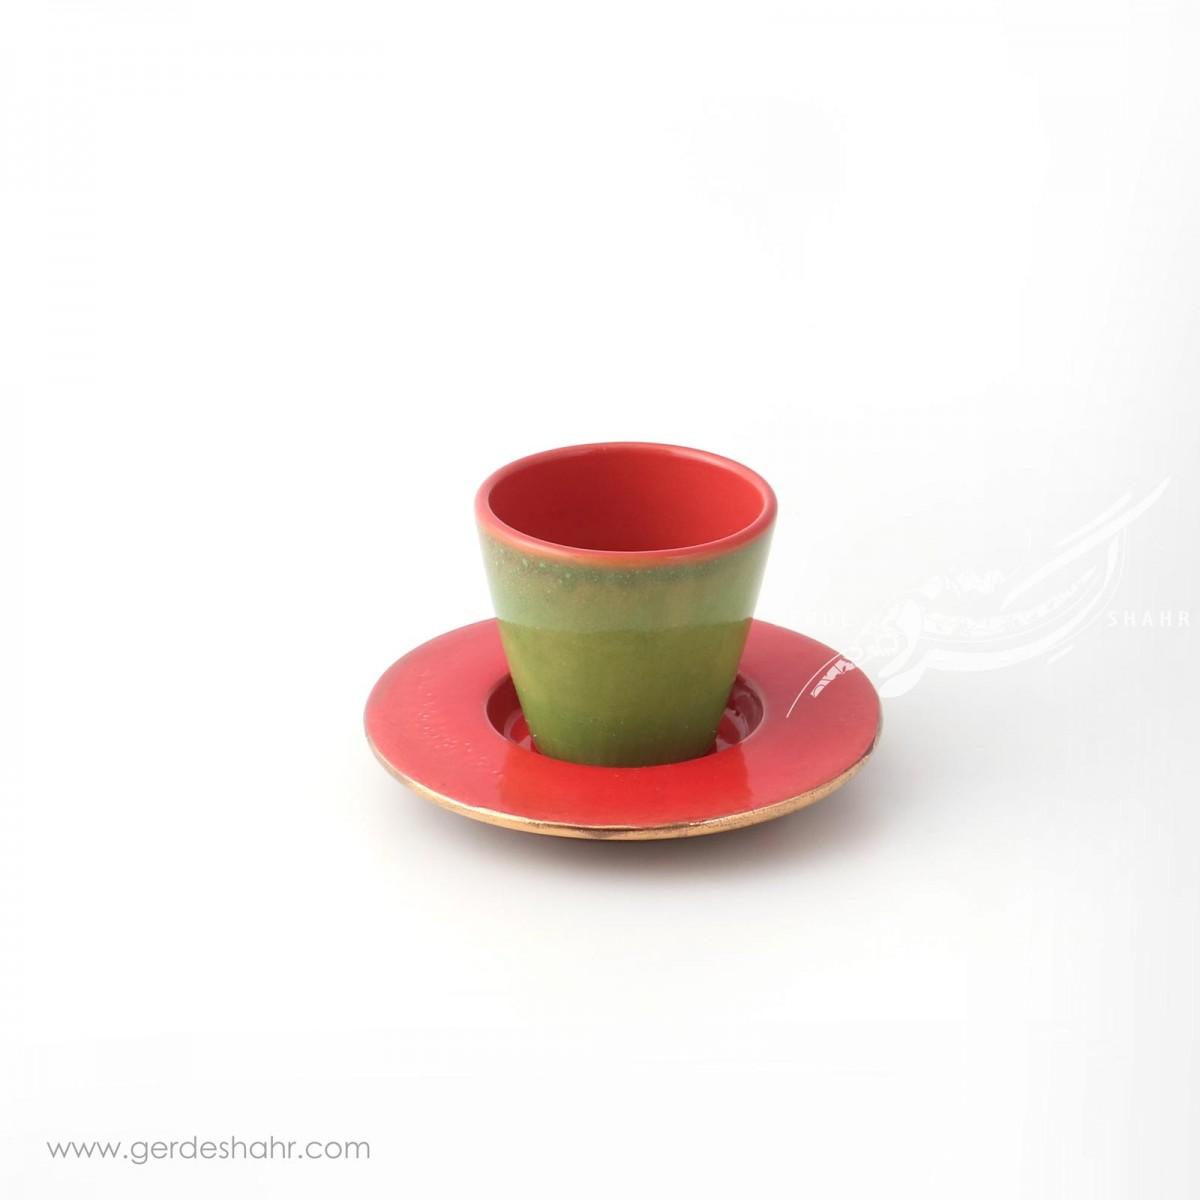 فنجان نعلبکی قرمز ماه فروز محصولات